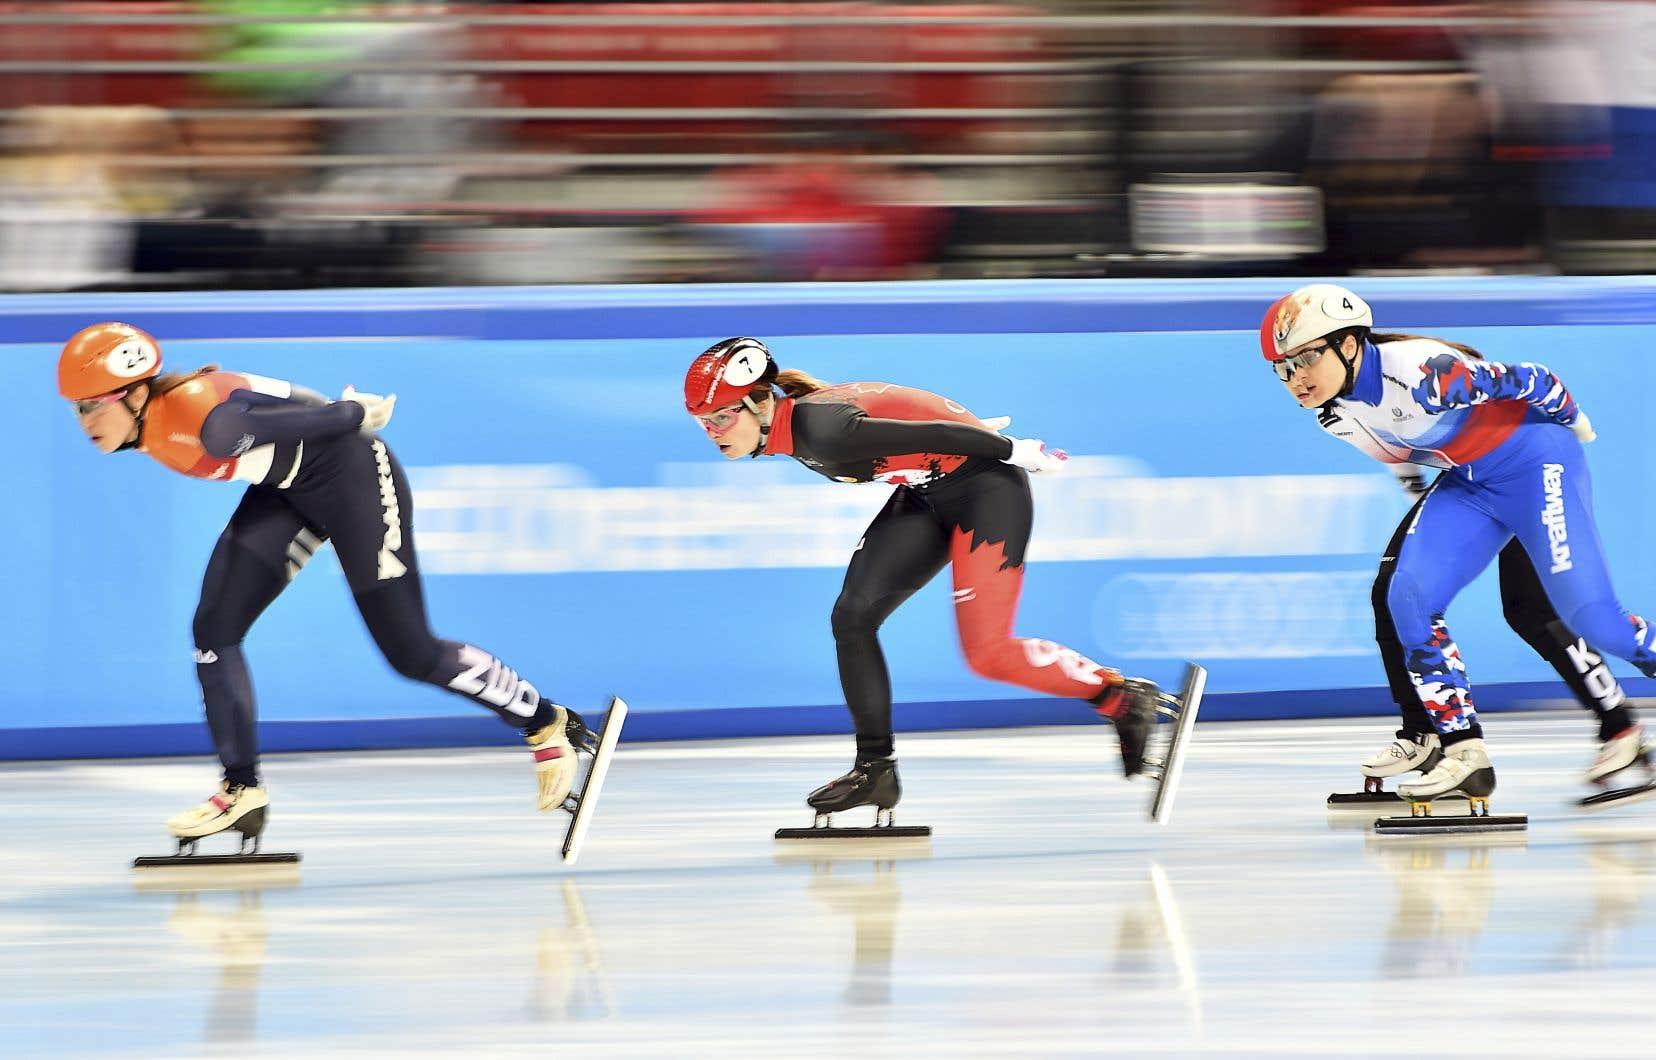 Kim Boutin (au centre) a occupé la deuxième place pendant une bonne partie de la finale du 1000 mètres, avant de voir la Sud-Coréenne Min Jeong Choi la dépasser.